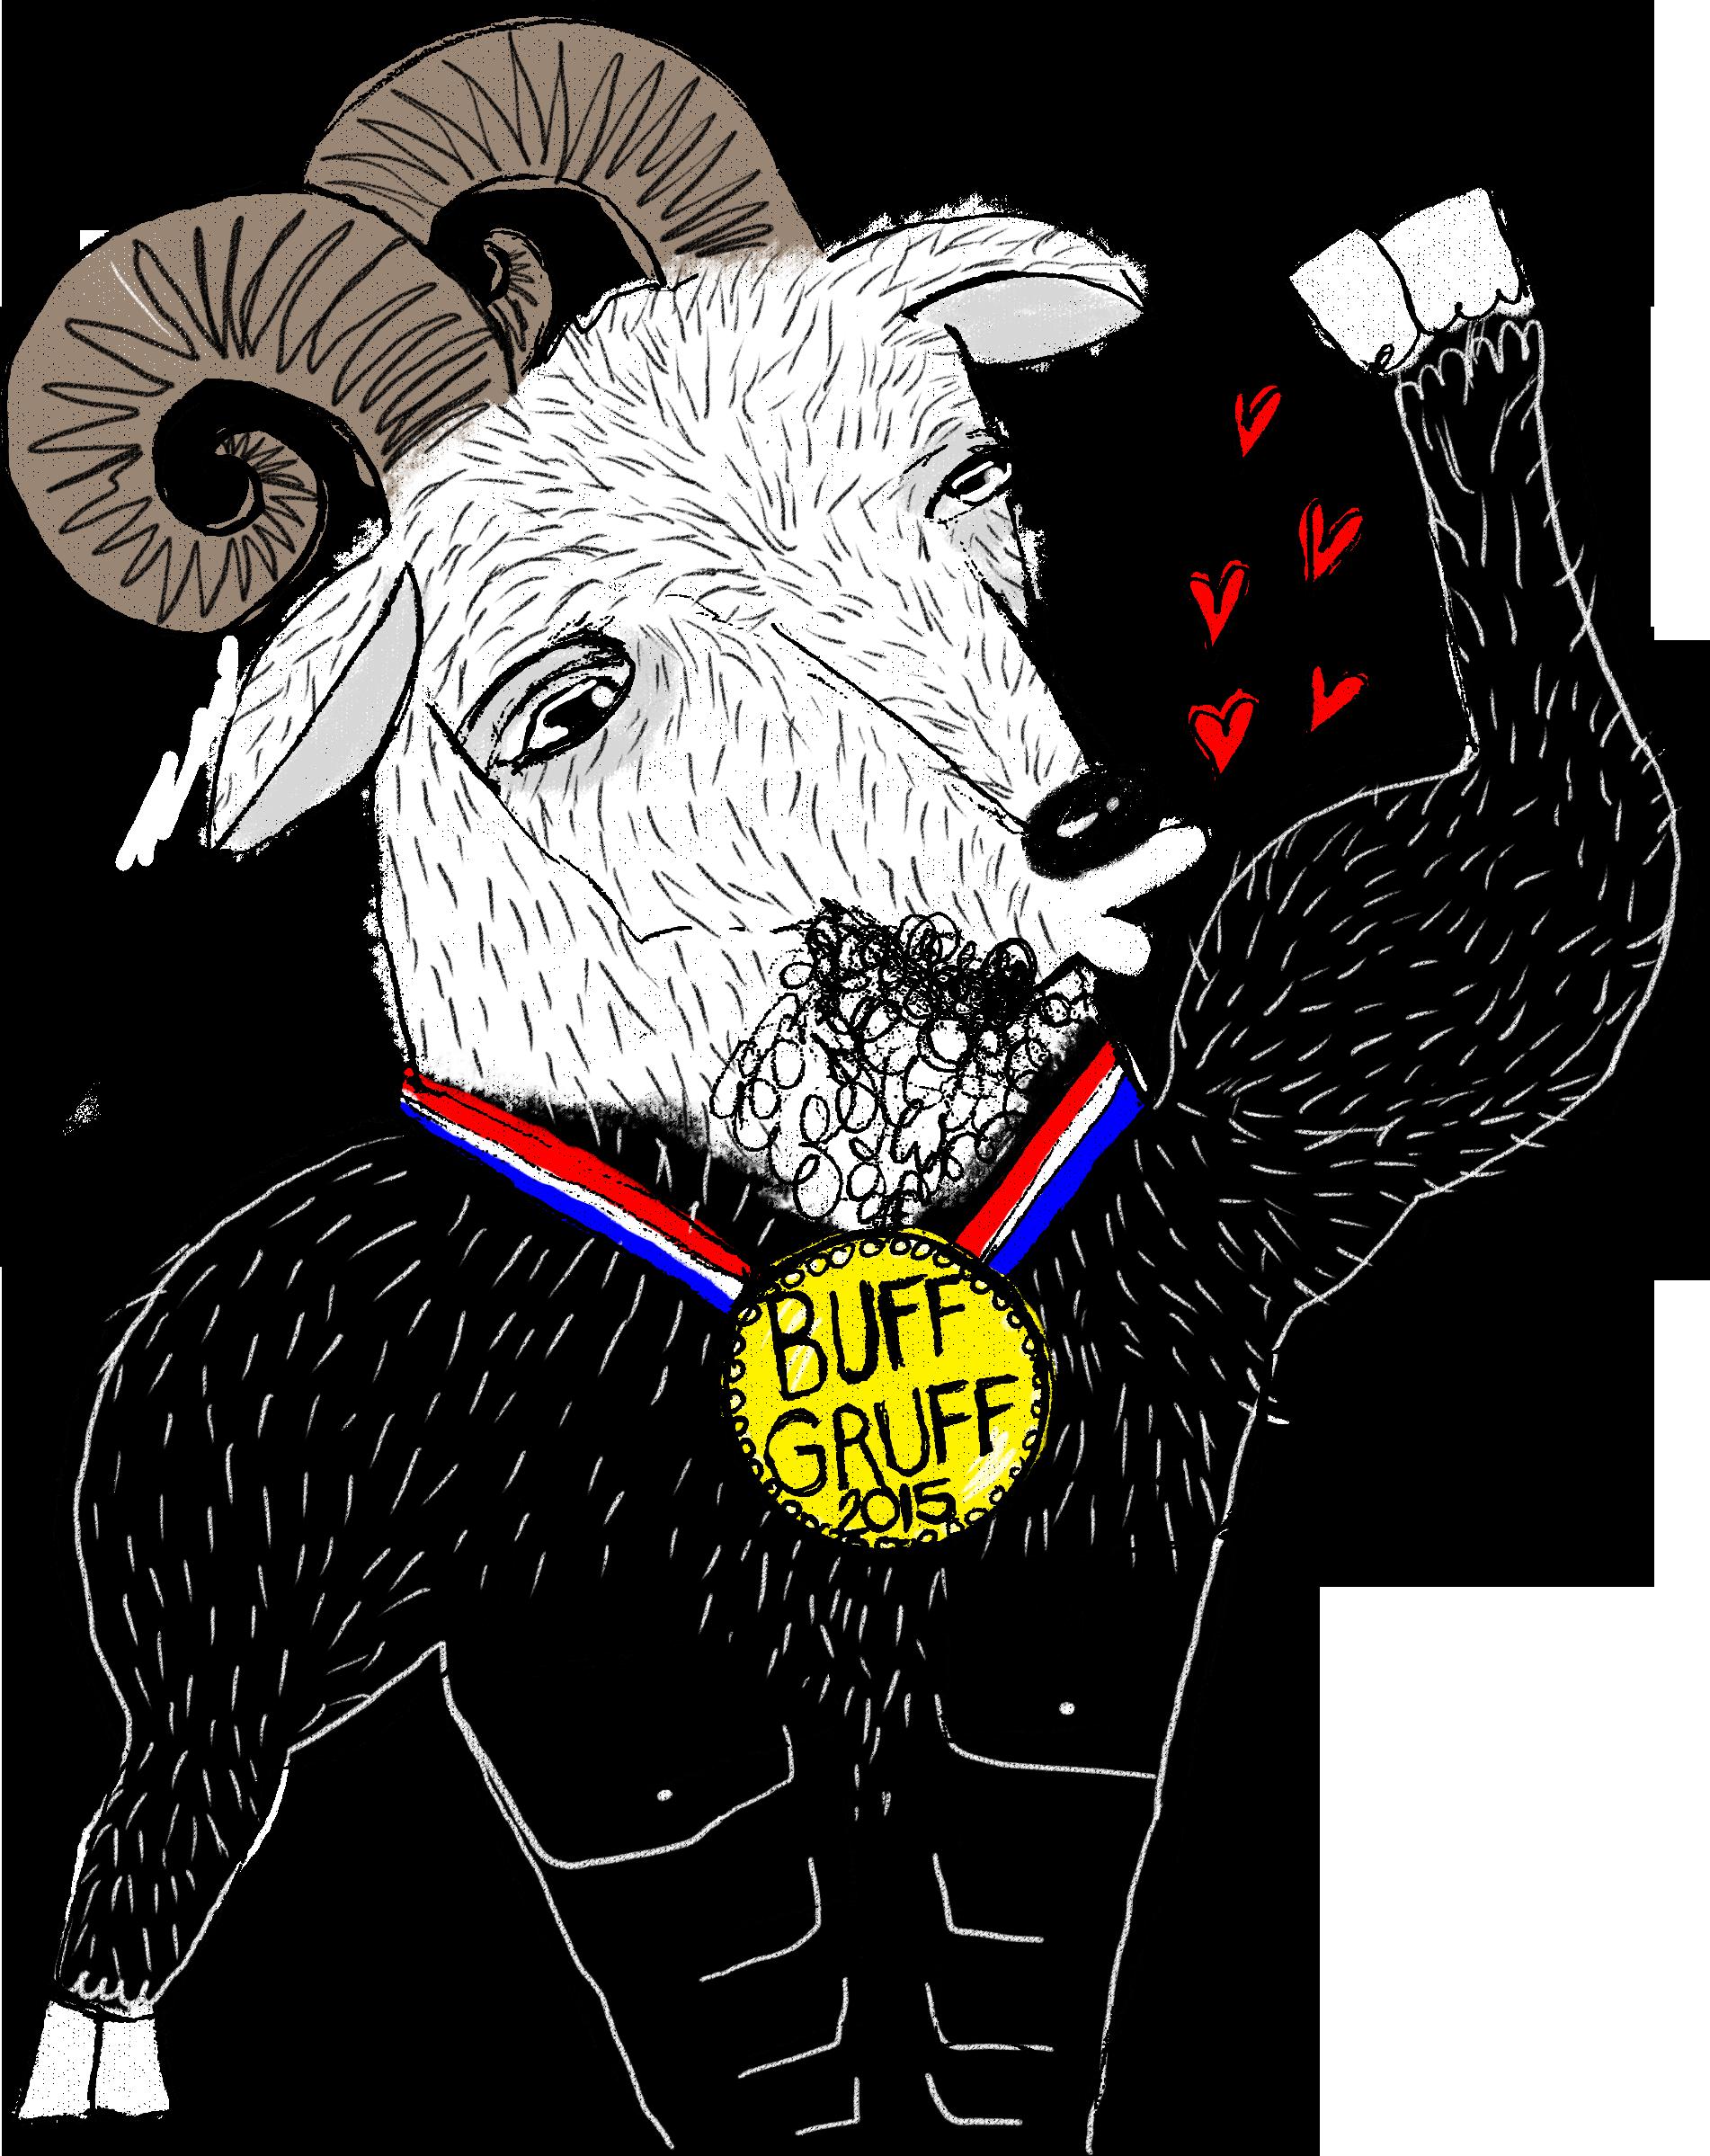 buff gruff.png